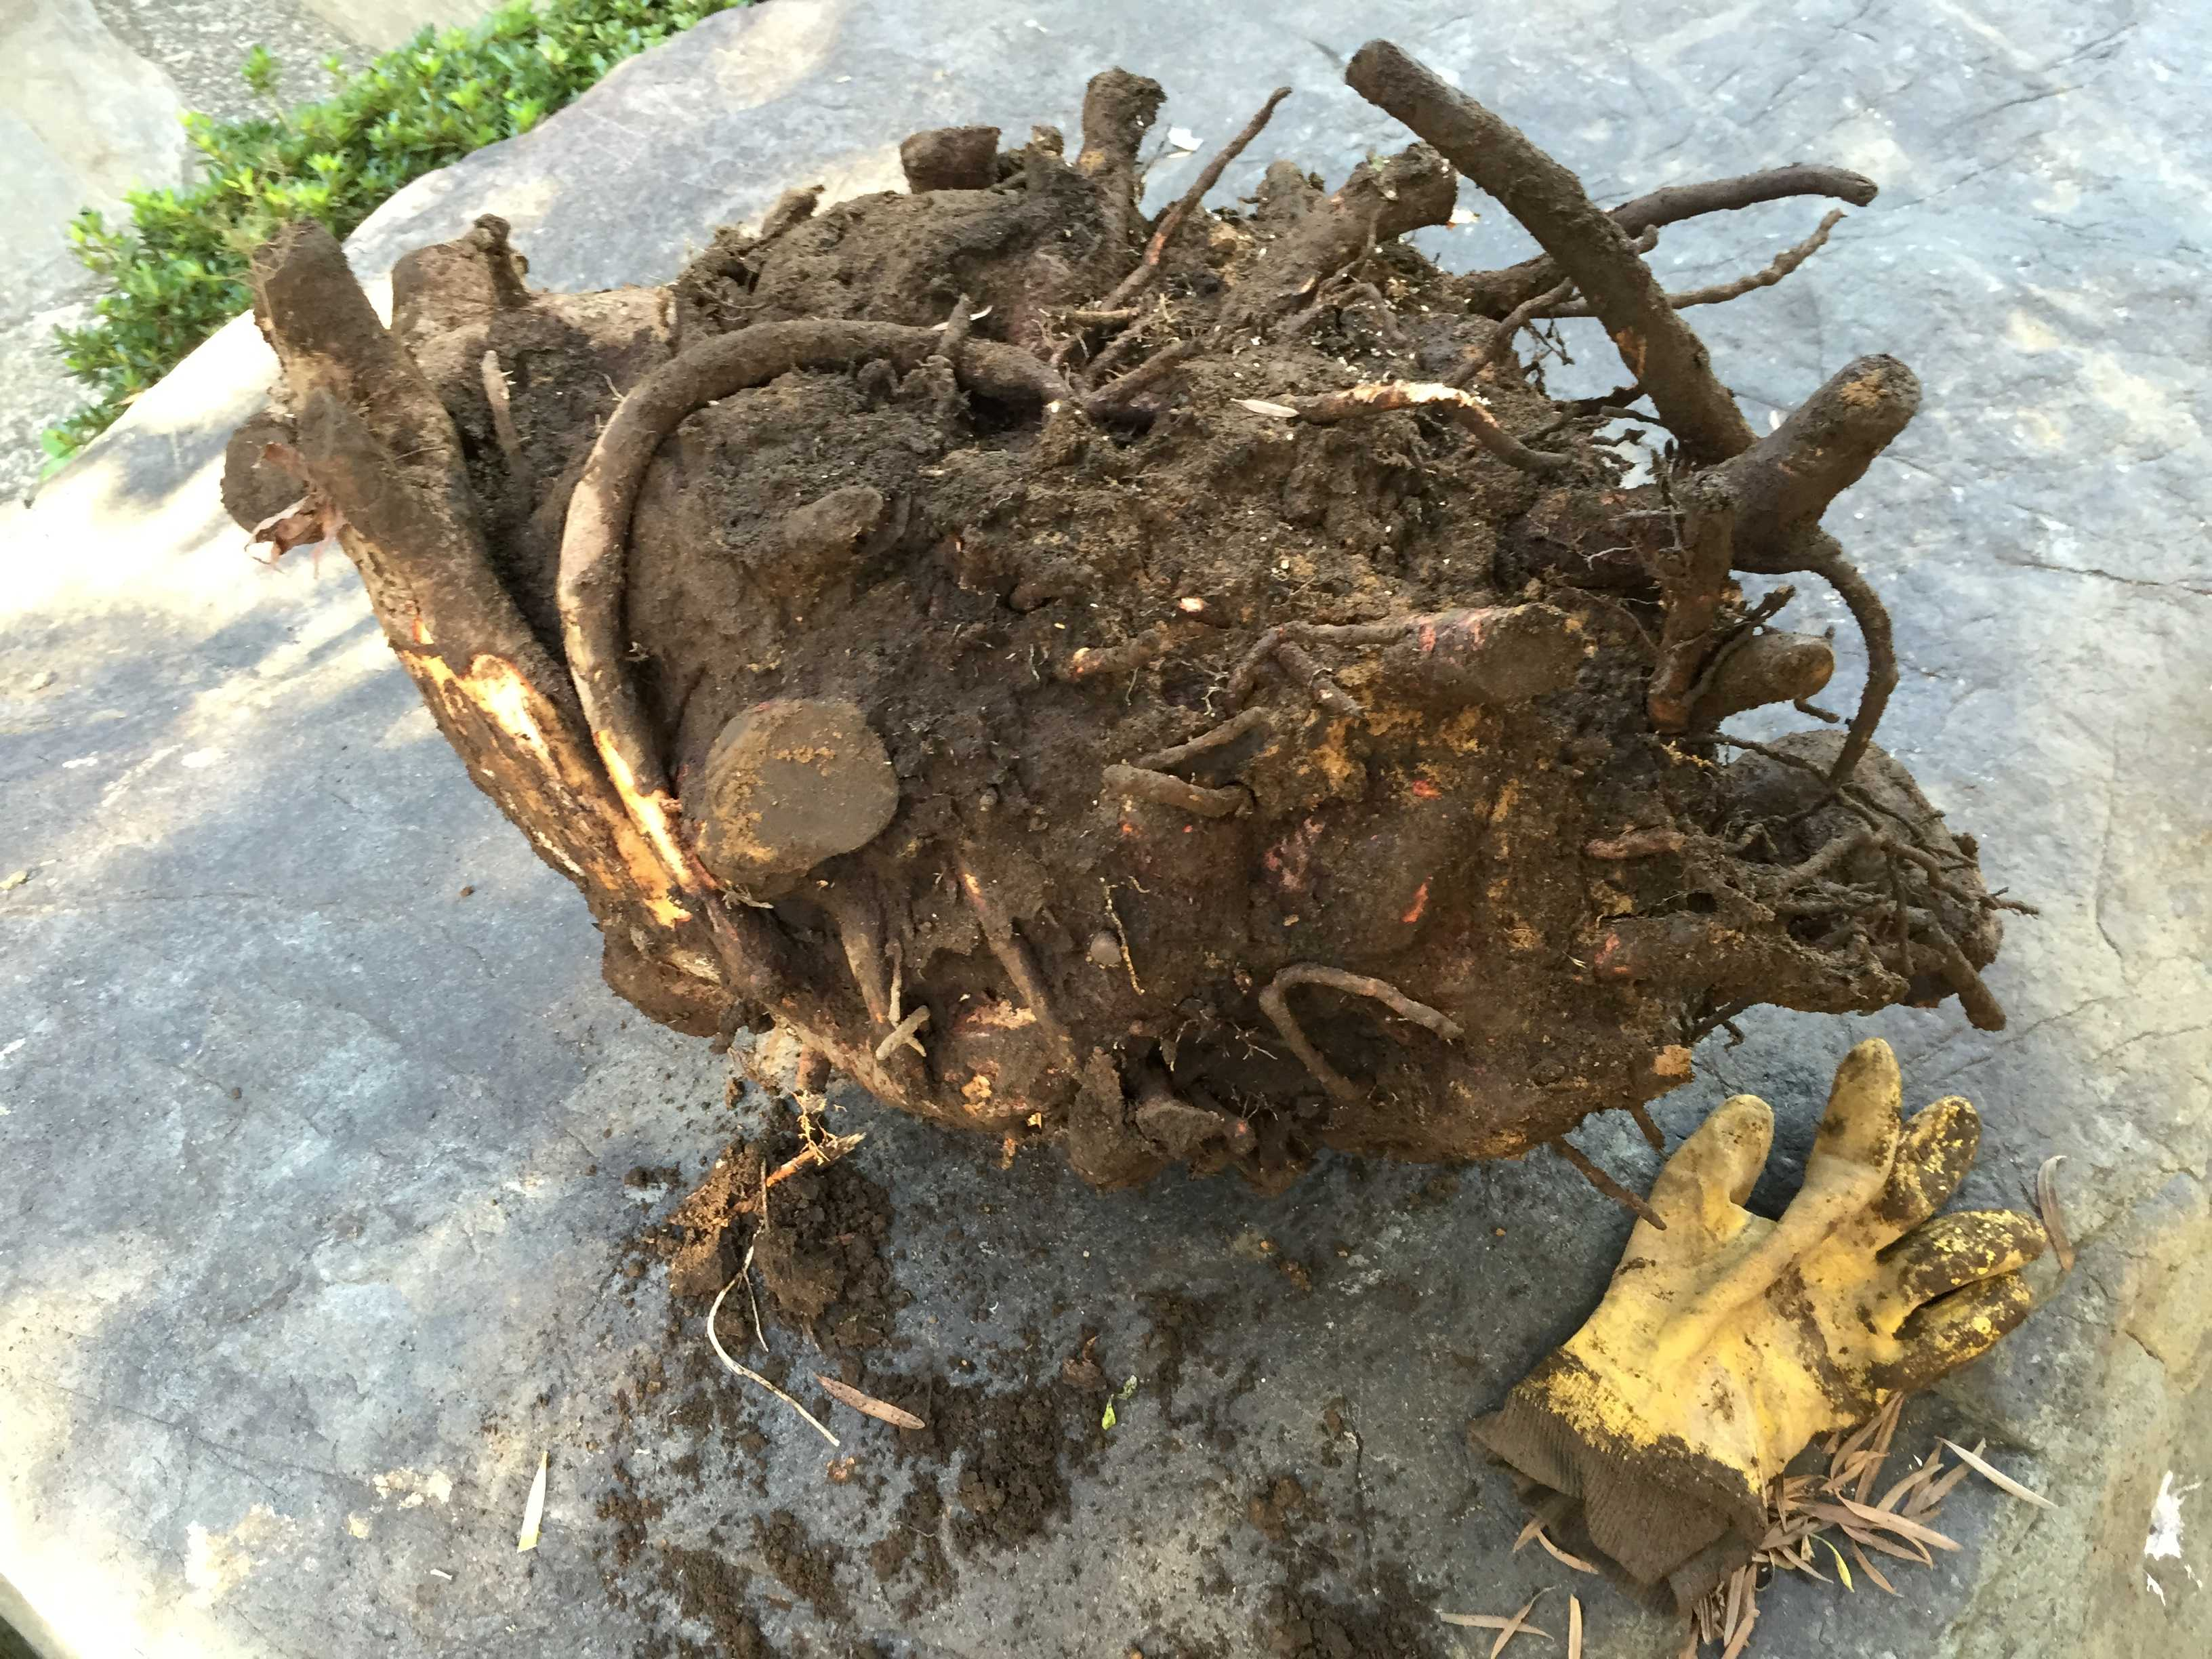 抜根した椿(ツバキ)の根っこ